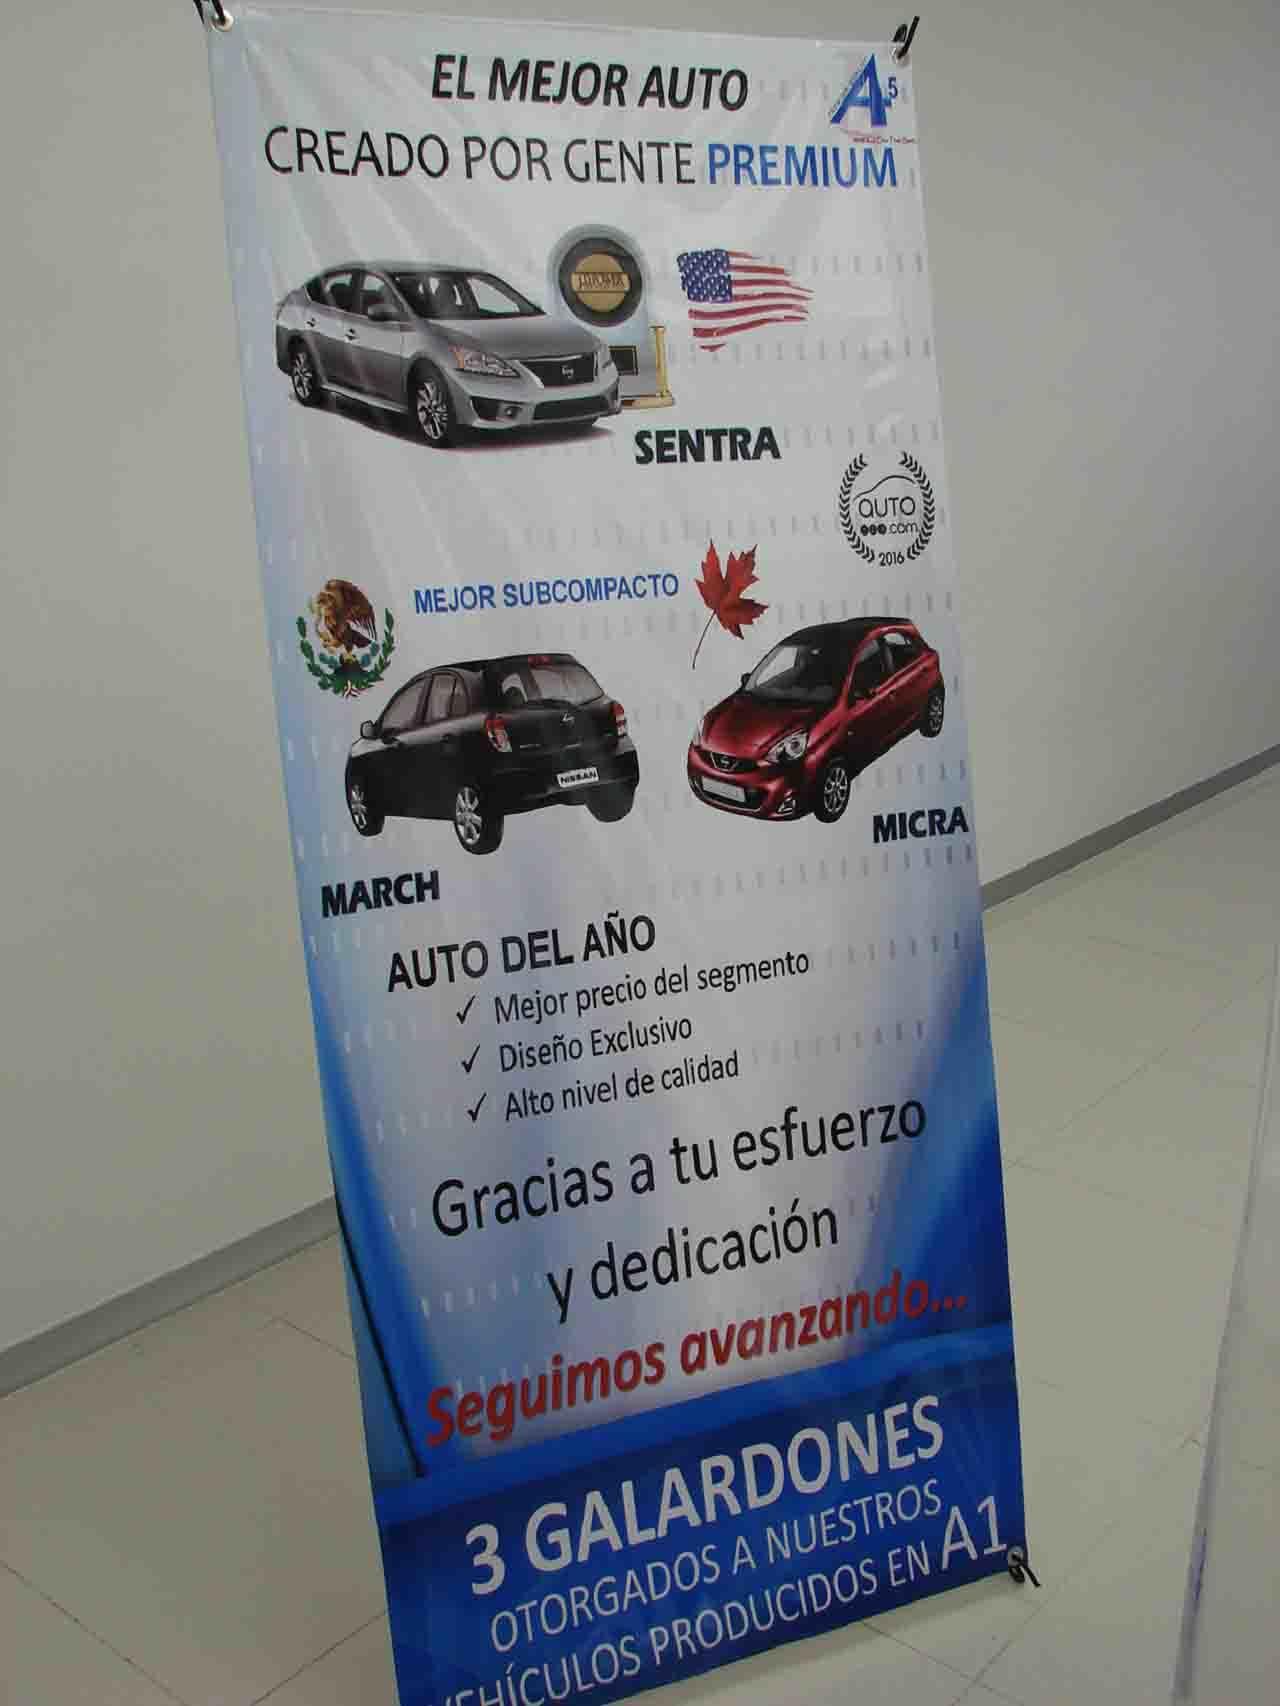 Planta Nissan de Aguascalientes